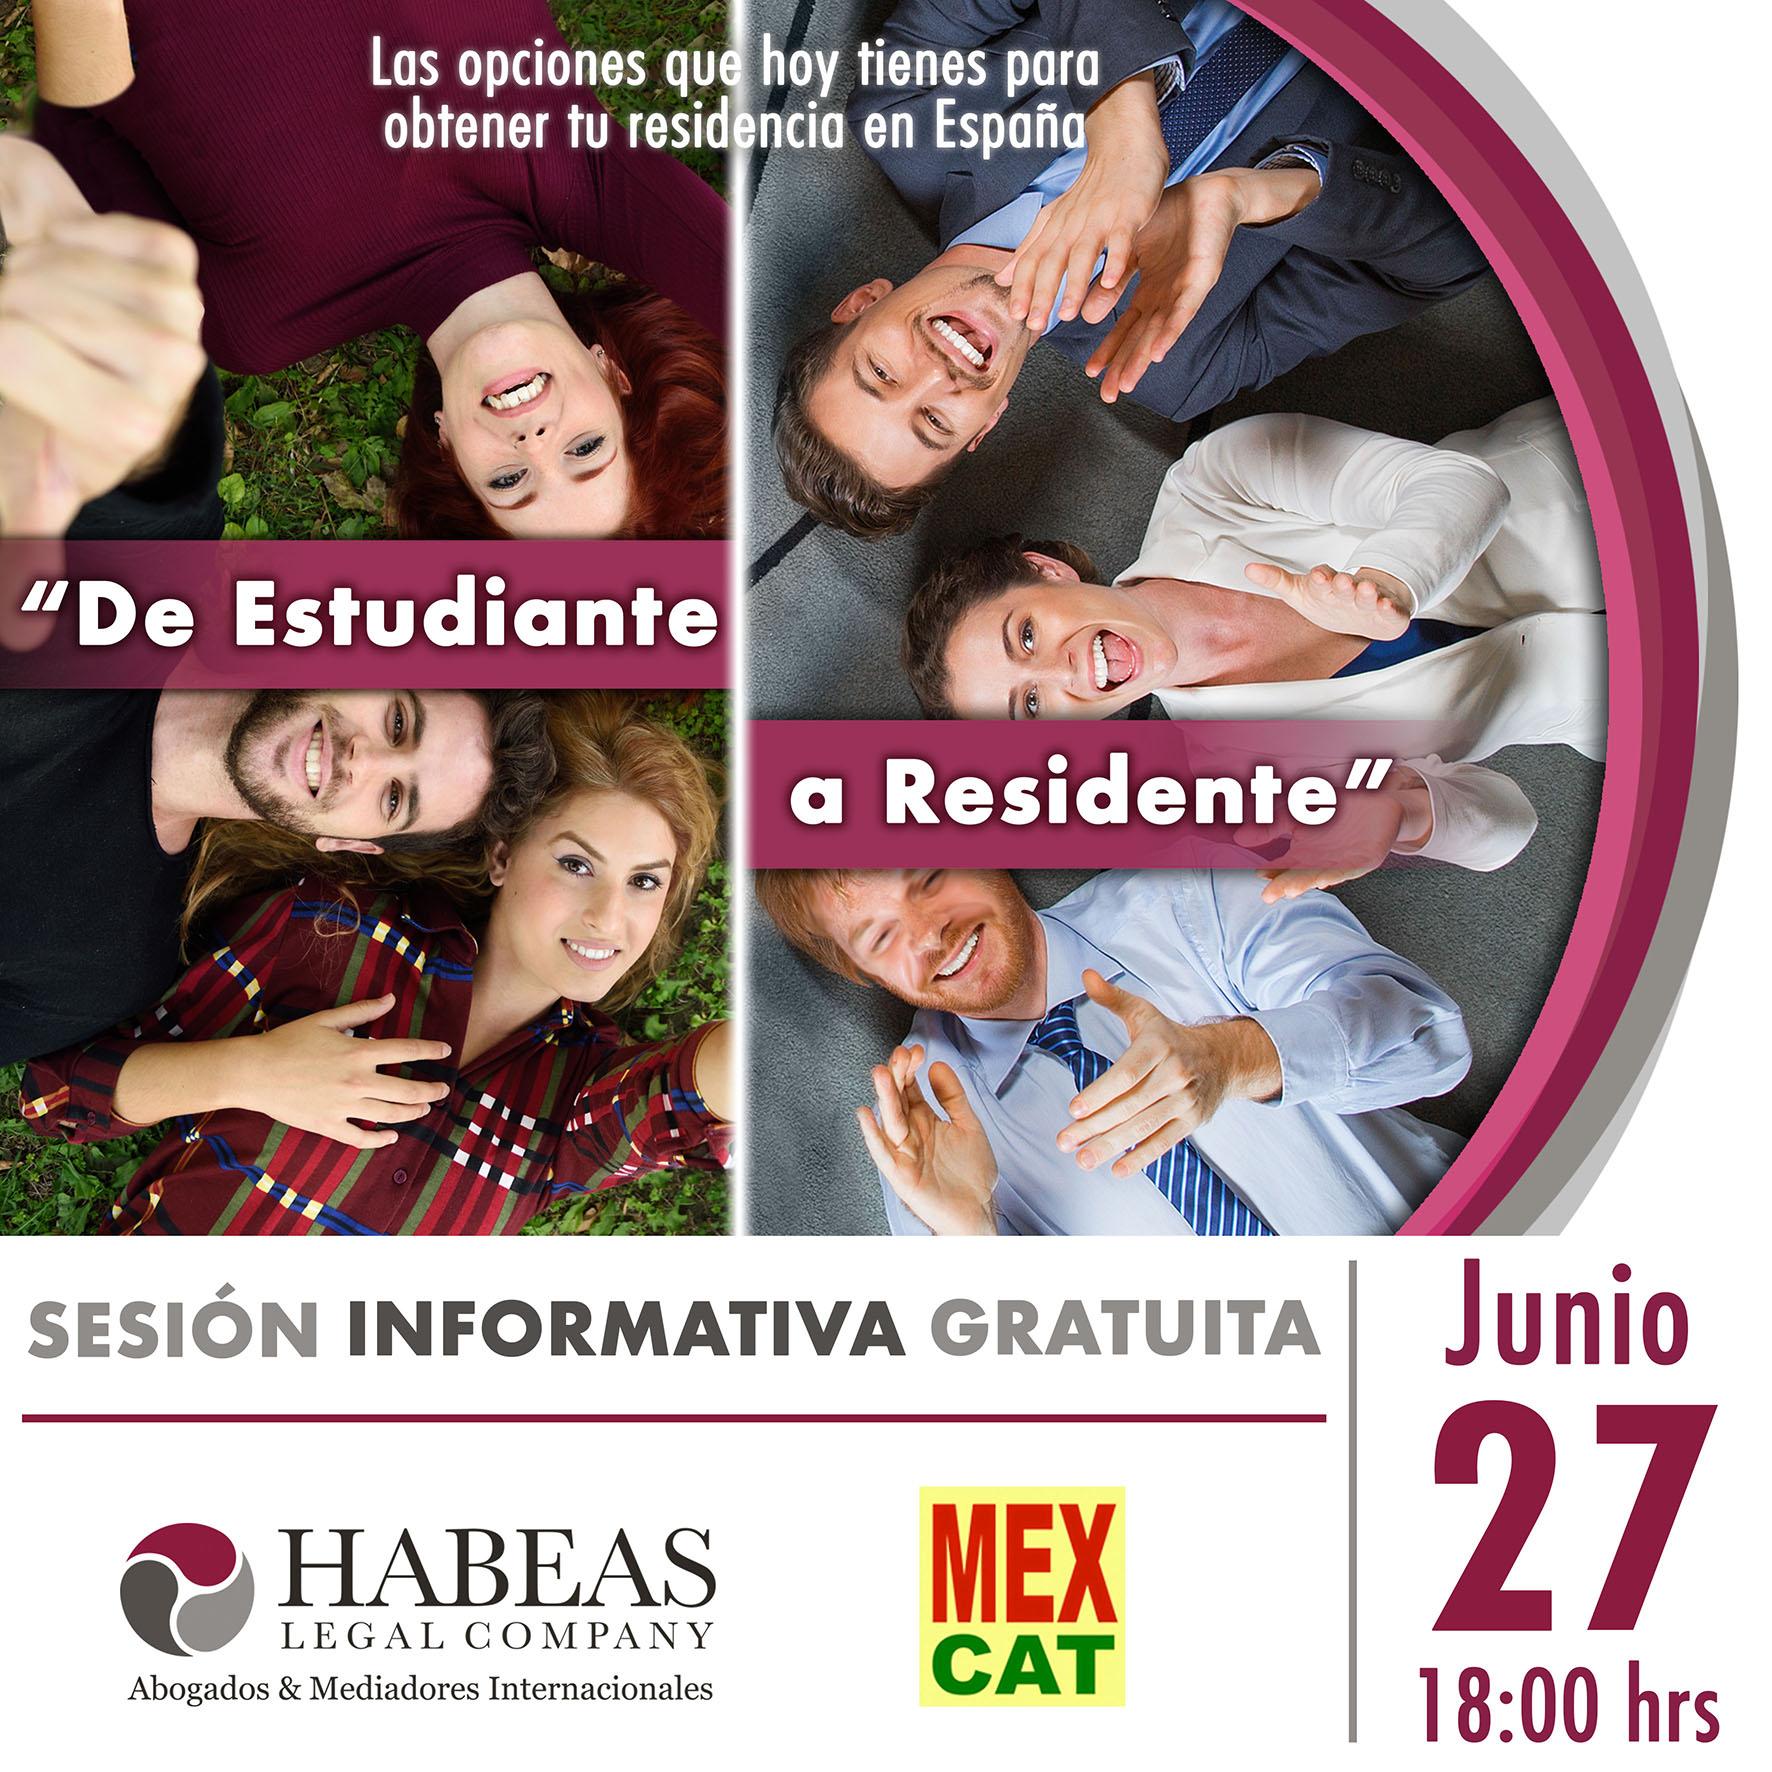 """De Estudiante a Residente 2019 calendar JUN 1 - """"De Estudiante a Residente"""" - sesión Junio 2019"""